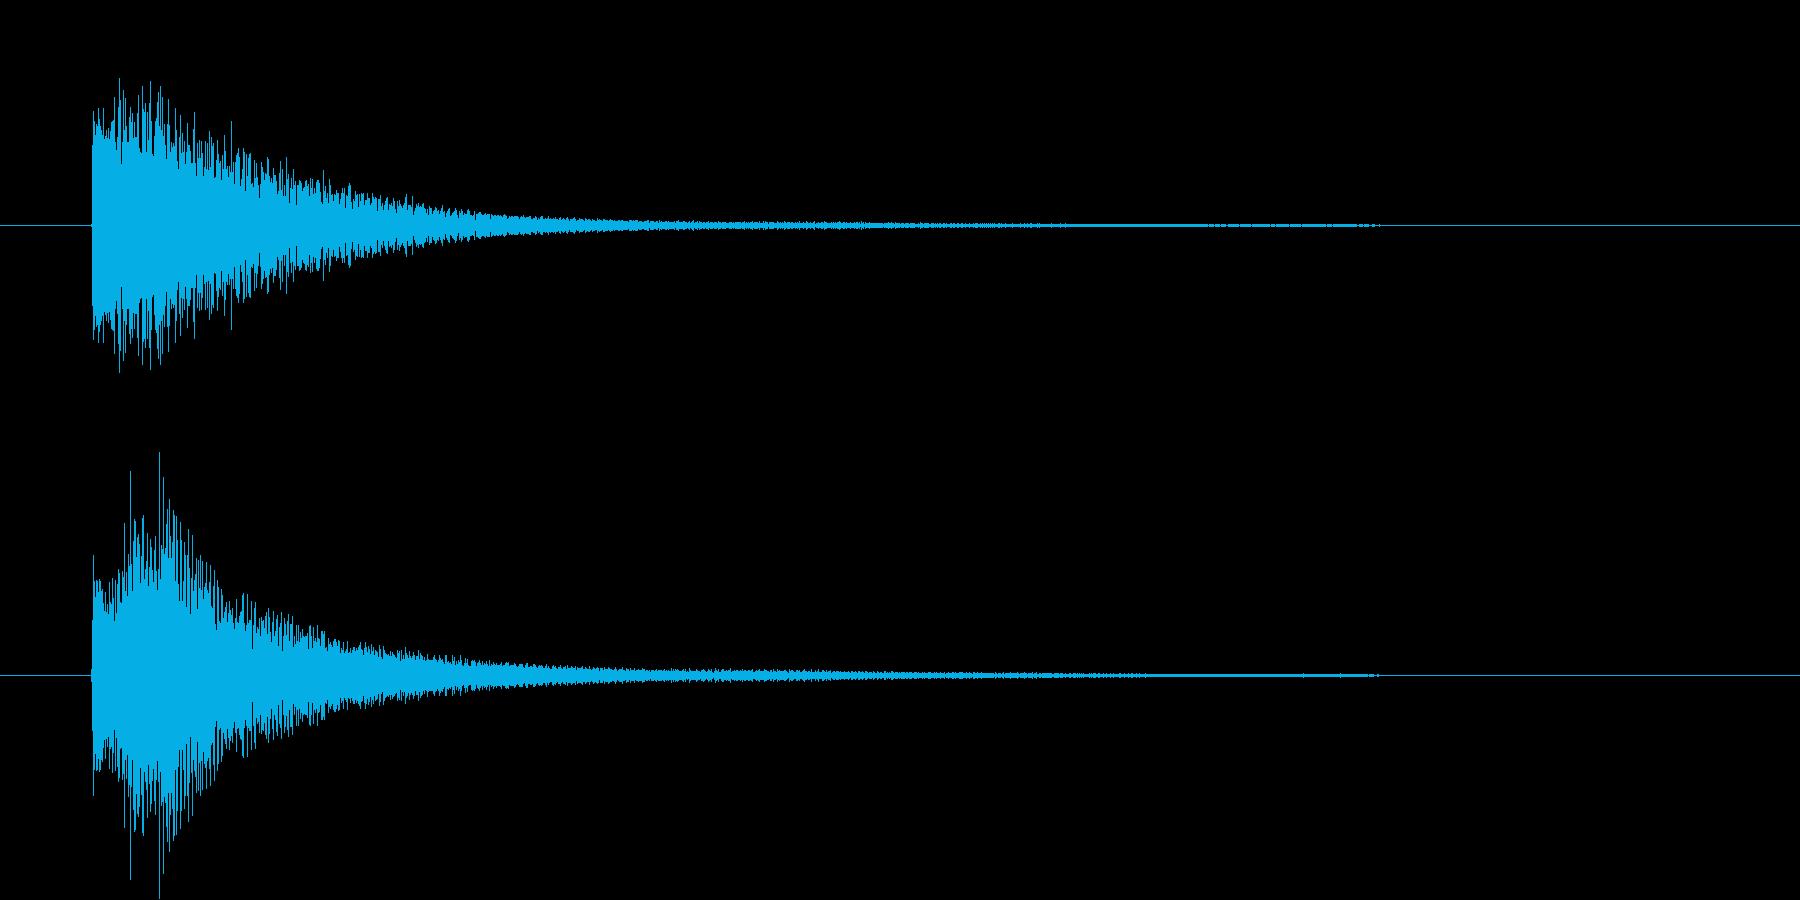 視聴者の意識を向けさせる注意喚起の効果音の再生済みの波形